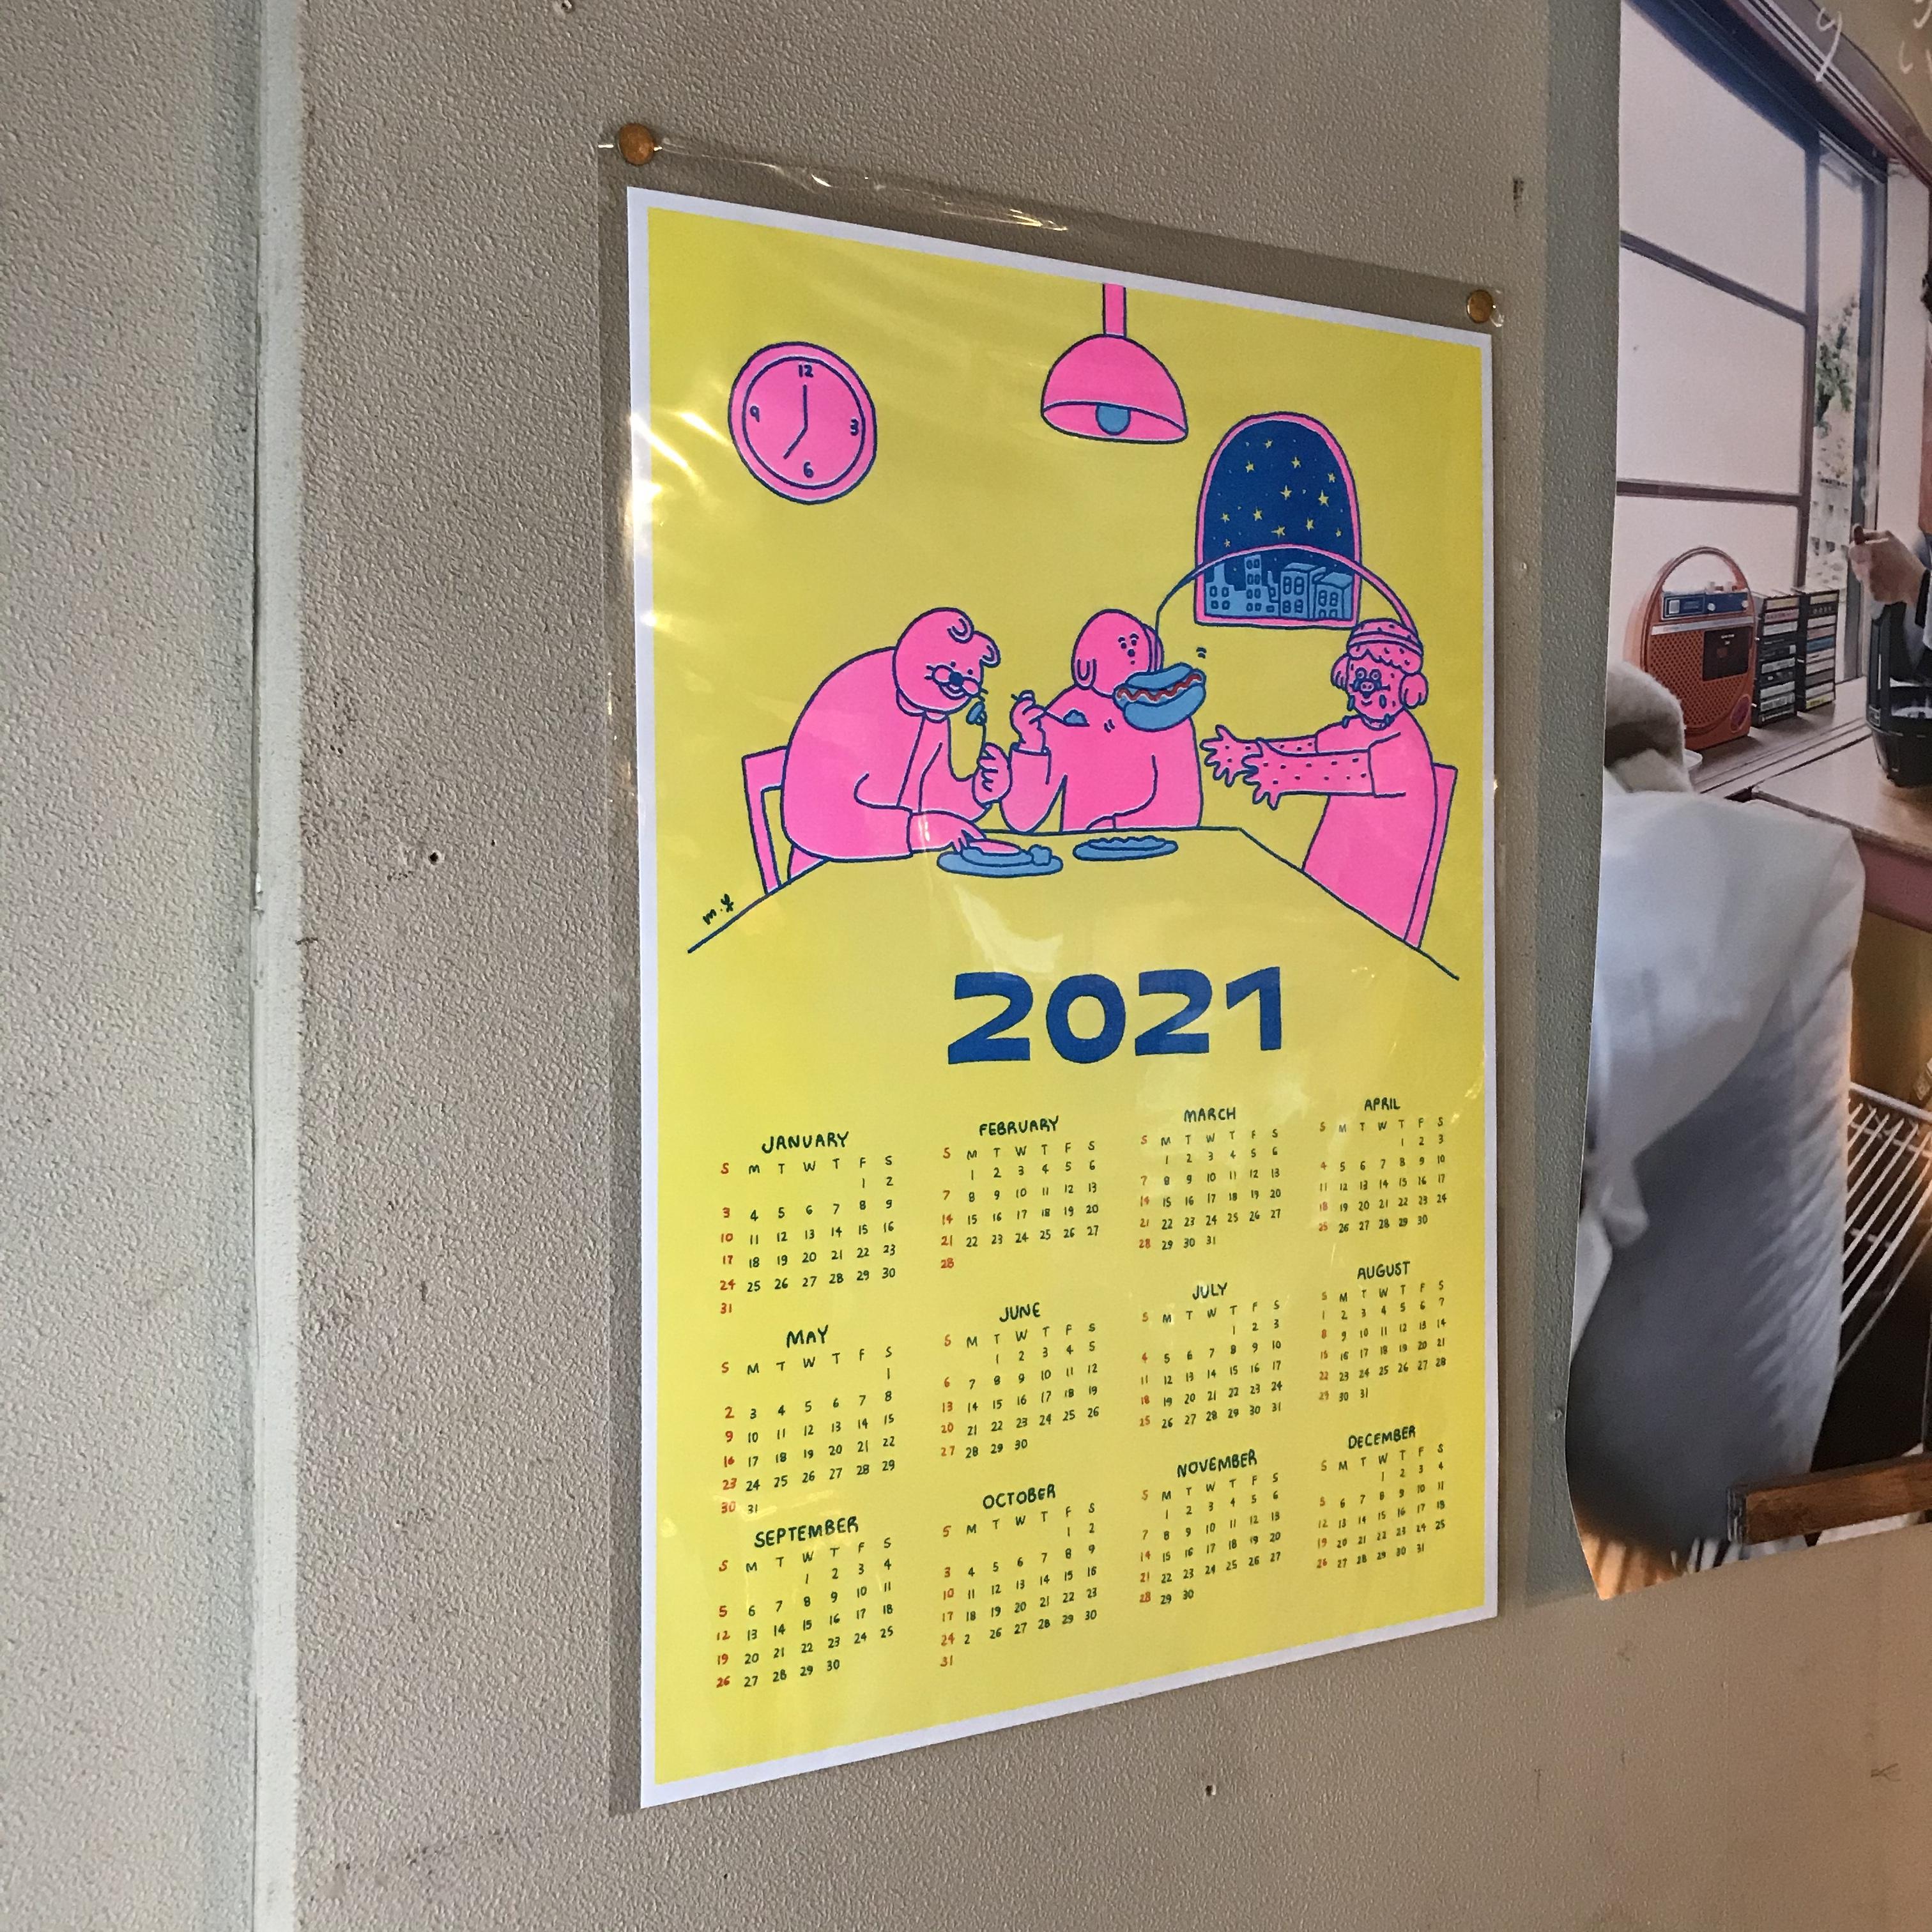 【委託】Megumi Yamazaki/2021カレンダー